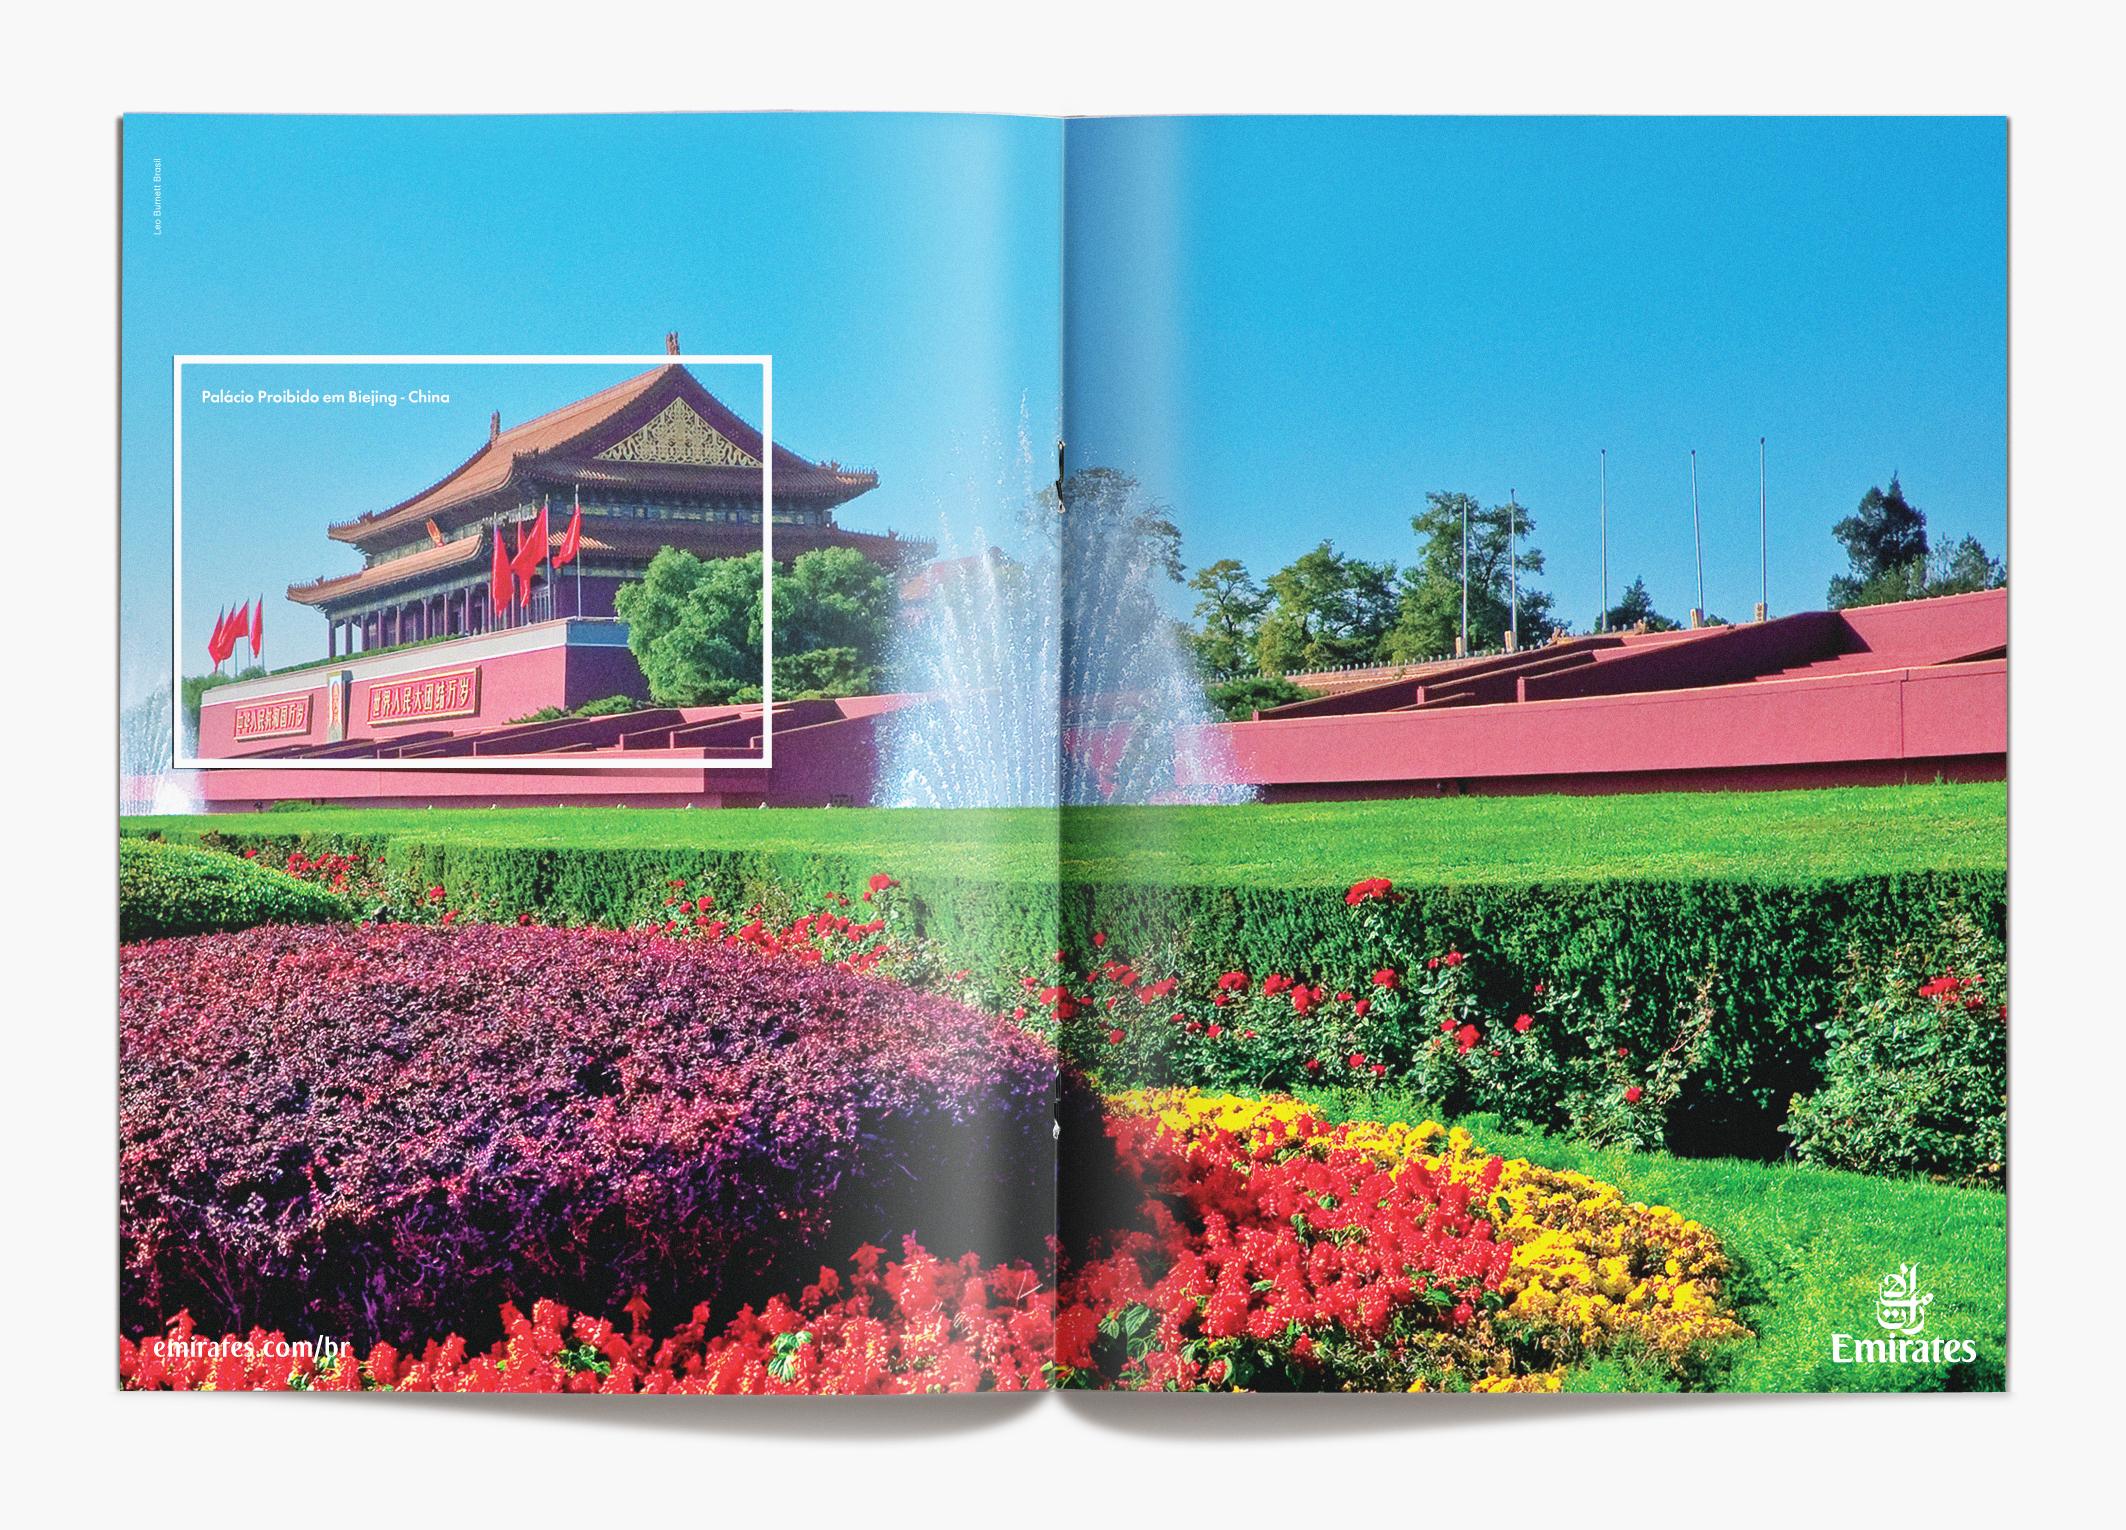 Revista dobra montado-CHINA.jpg